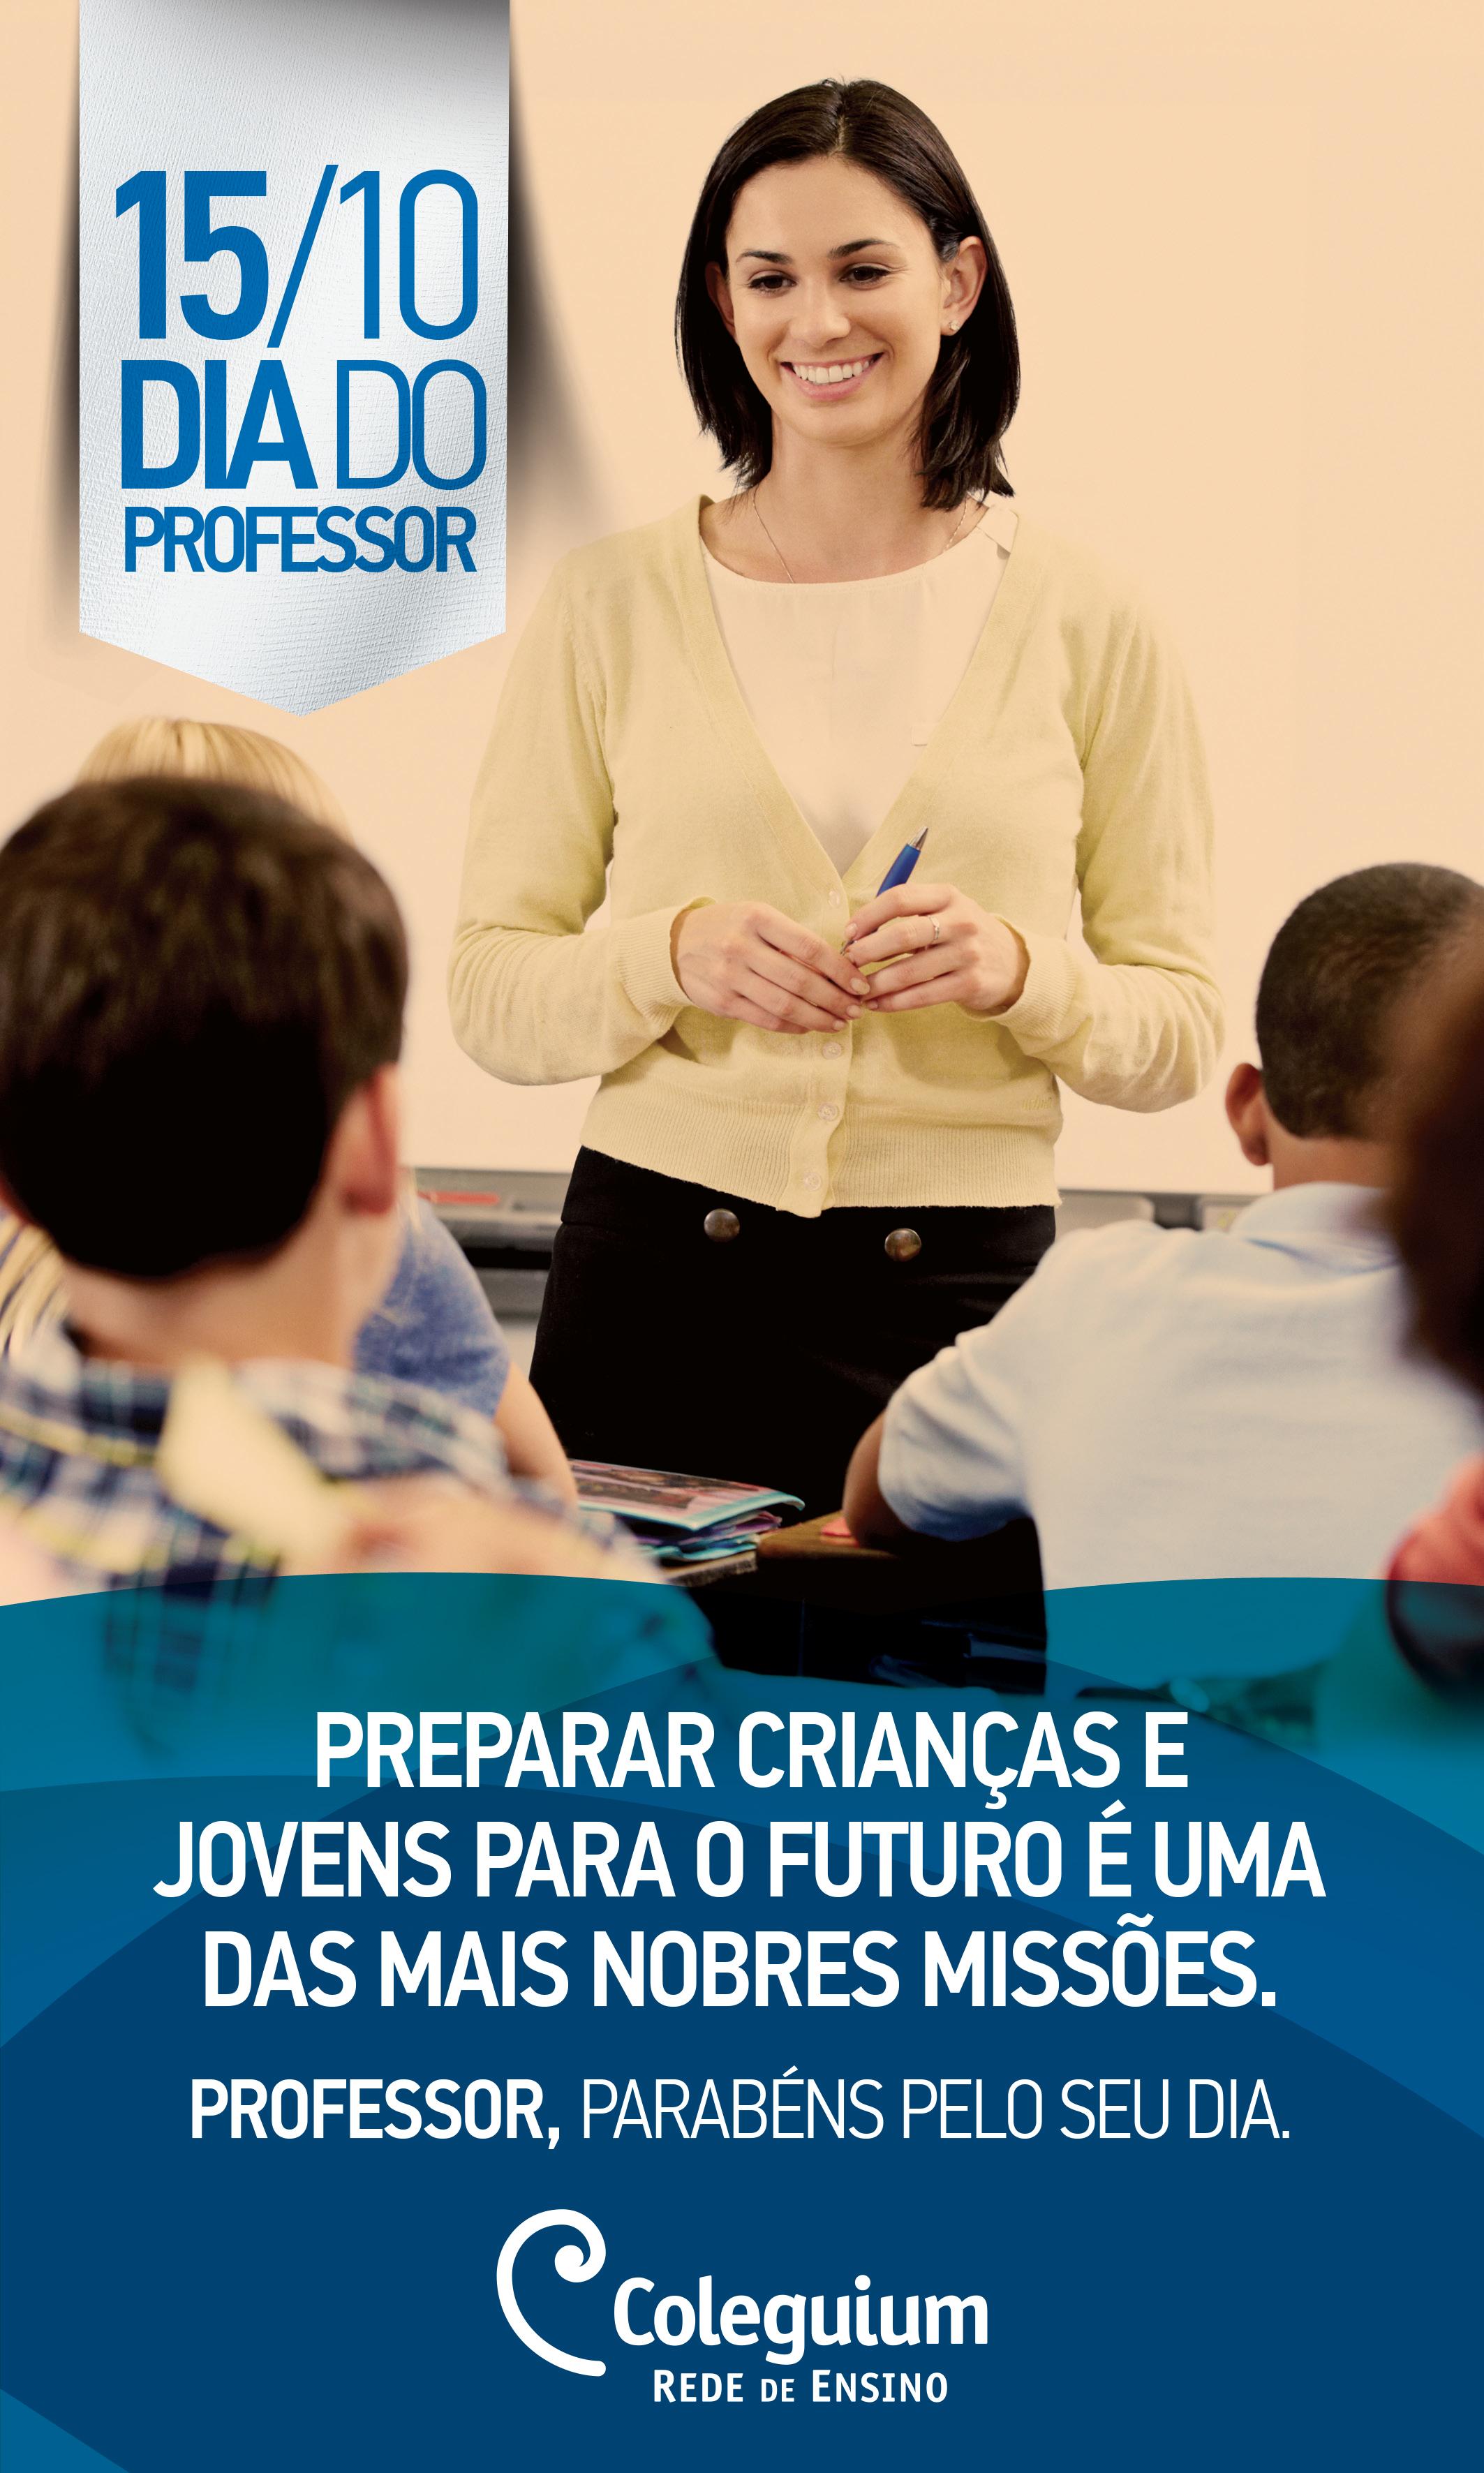 [SAIDA] Banners_professores_coleguium_6